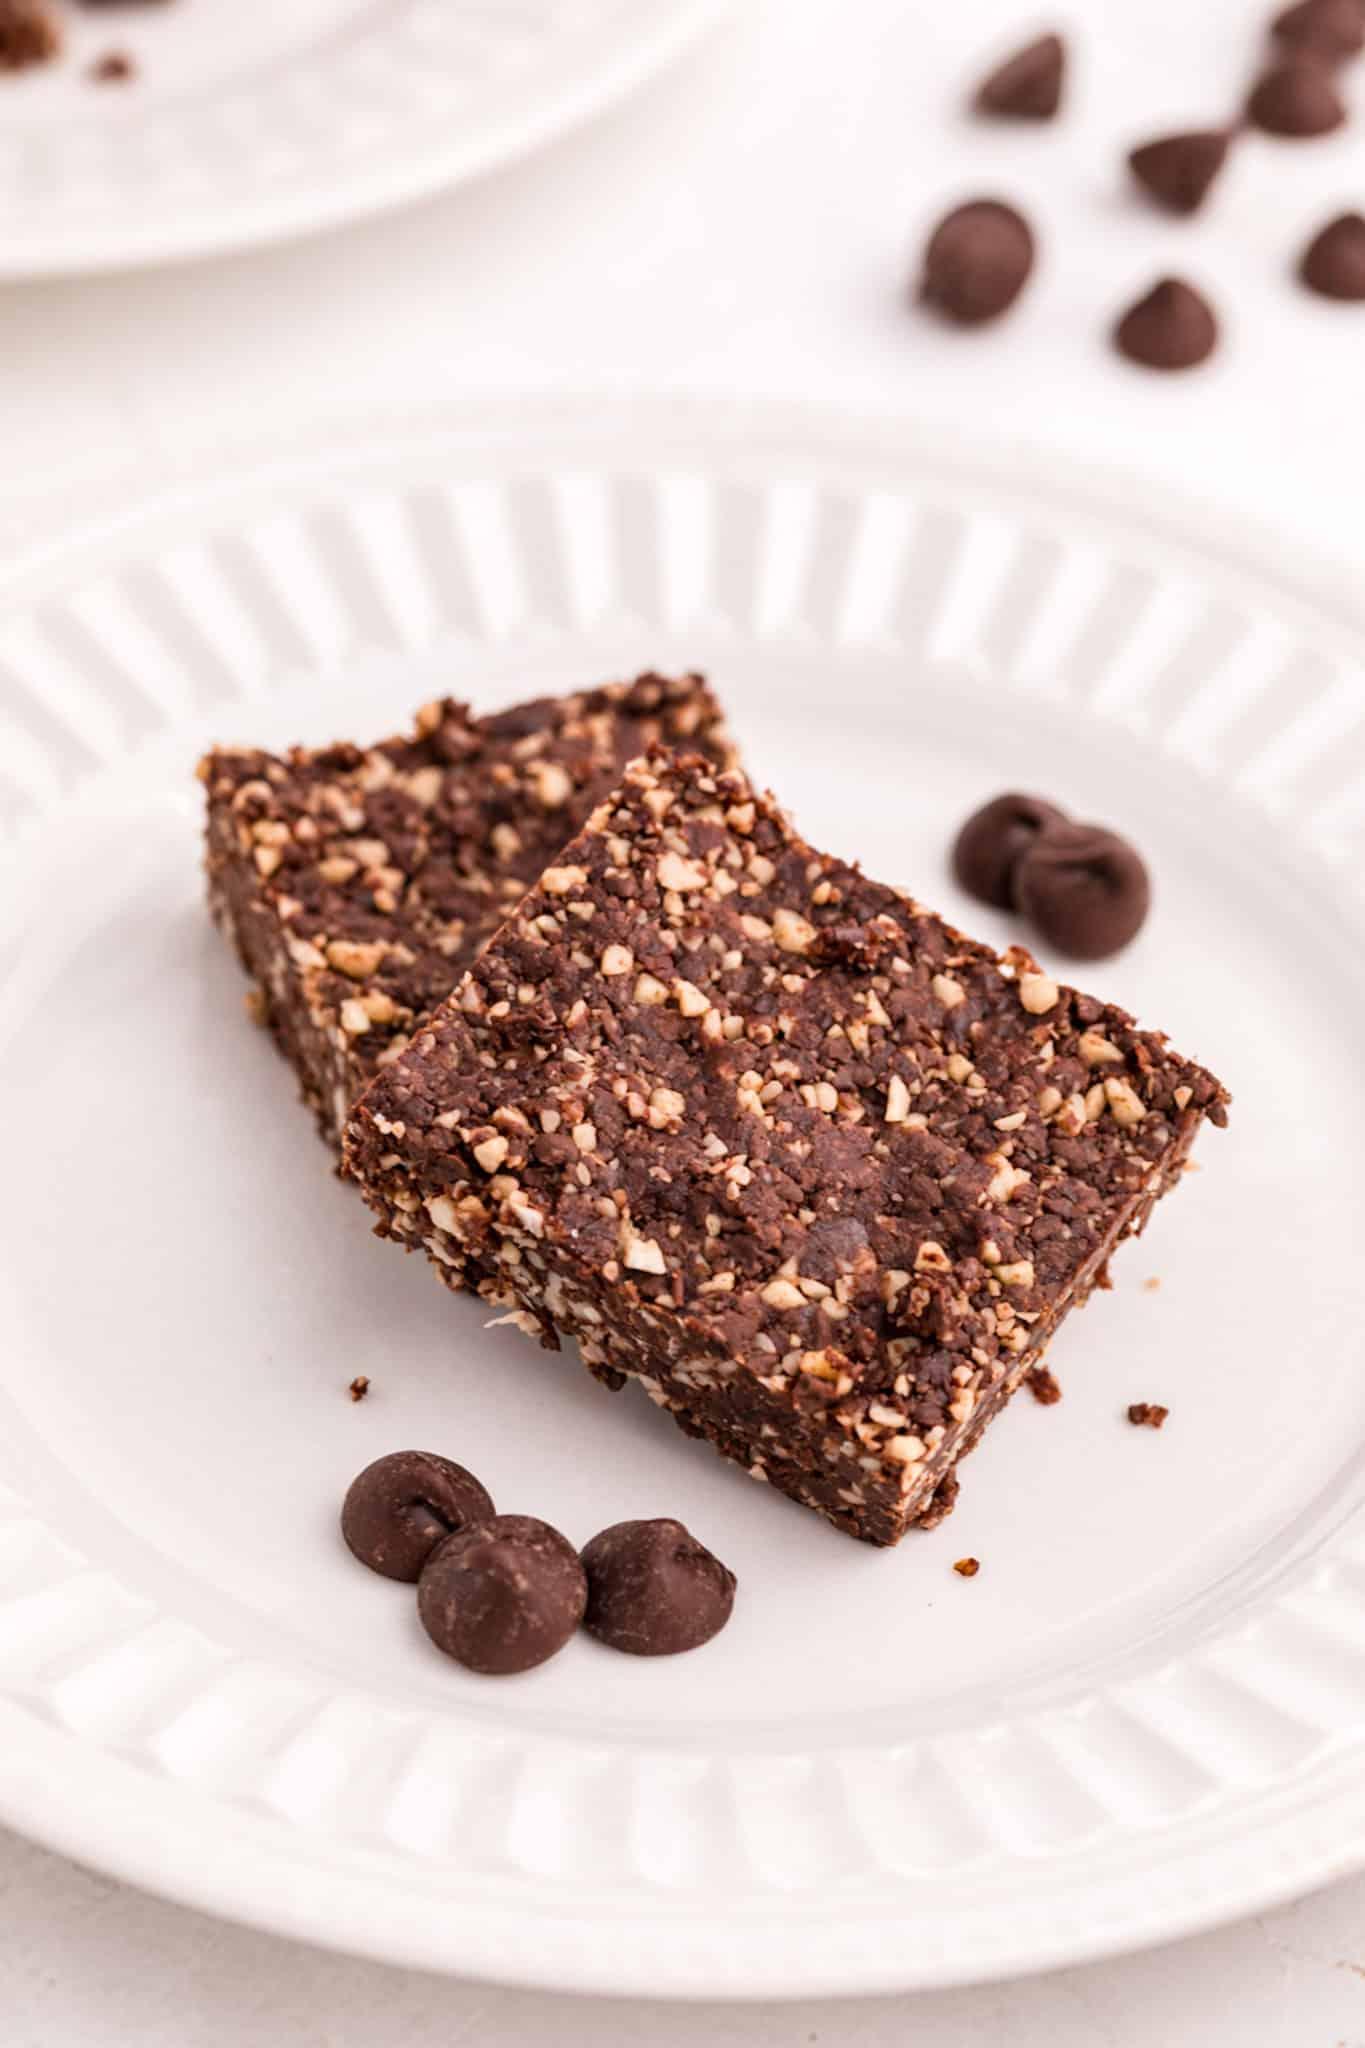 vegan brownies on a plate